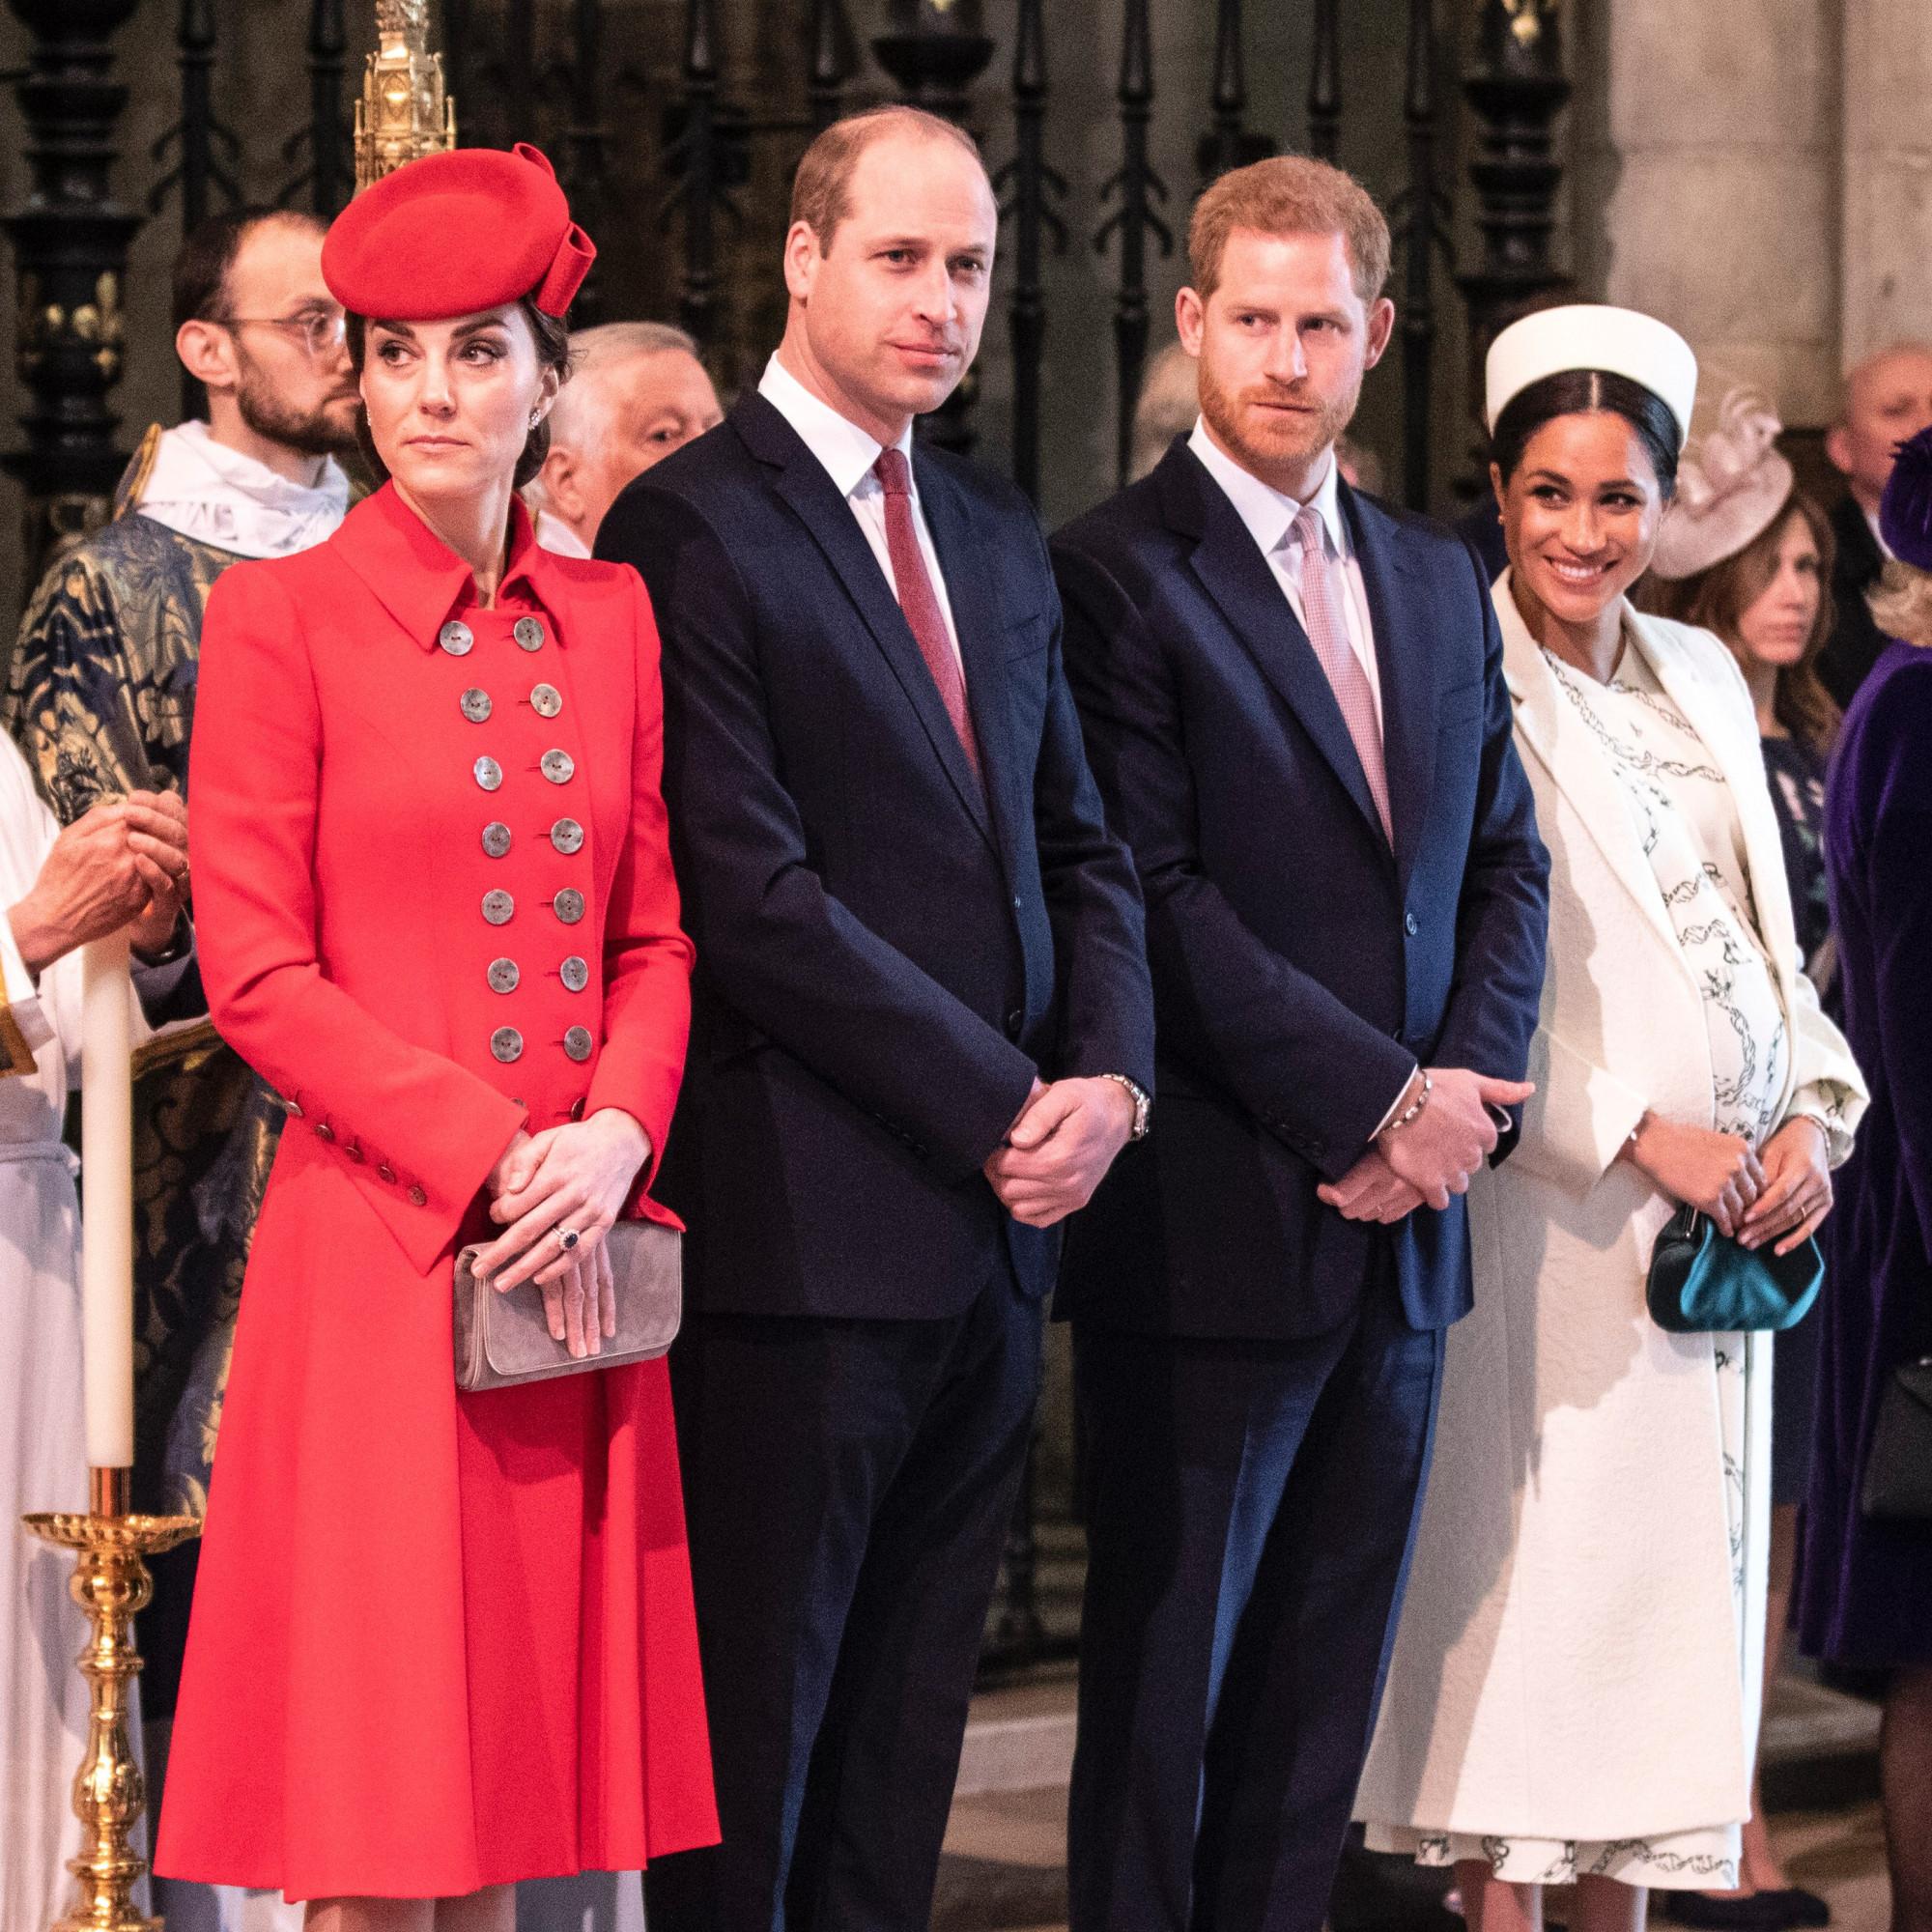 Kate Middleton et le prince William : où se sont-ils rencontrés?